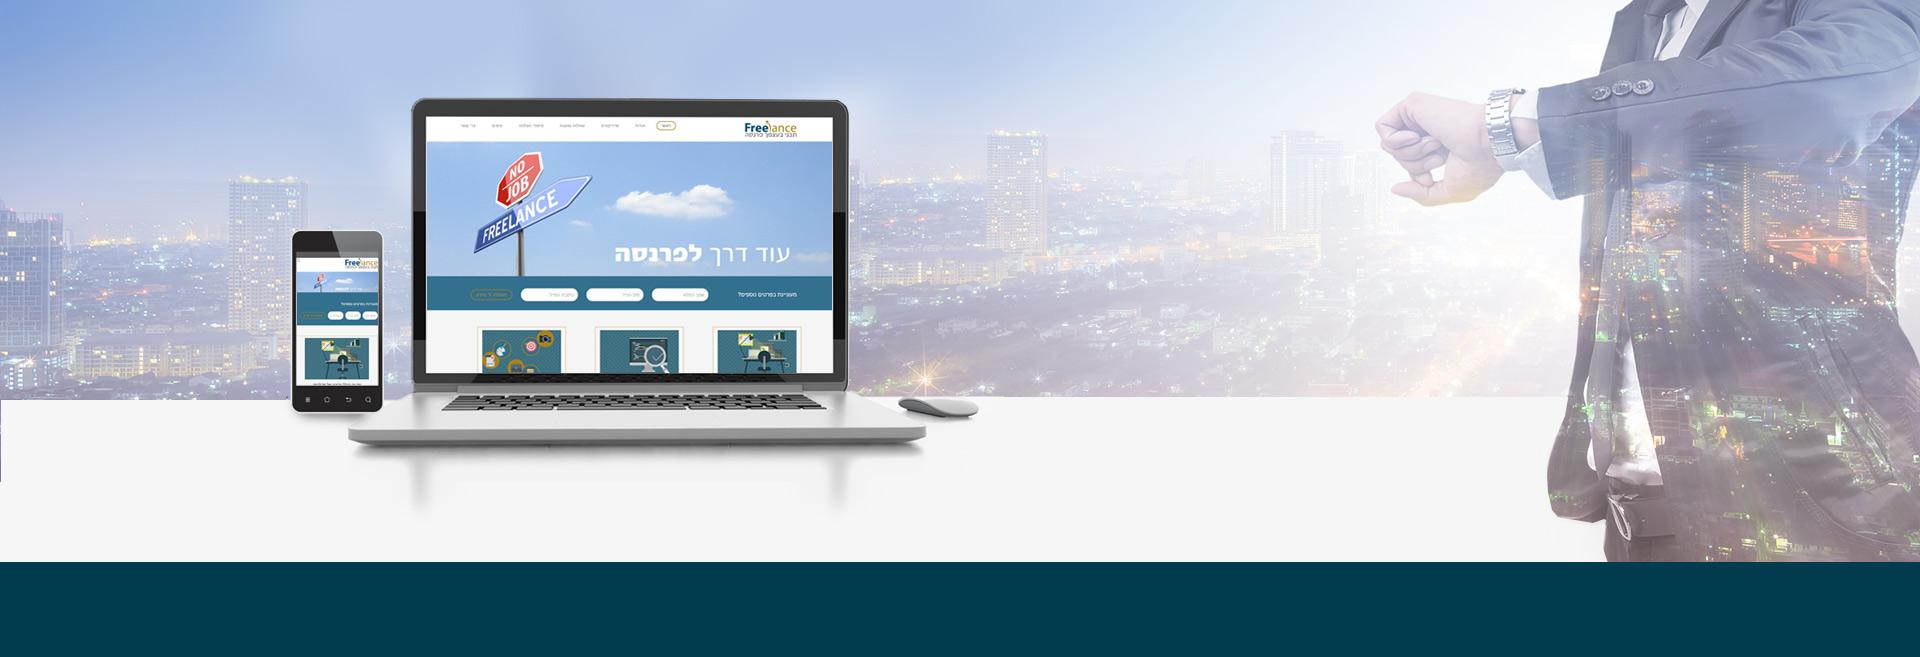 אודיזיין- אתר לכל תקציב